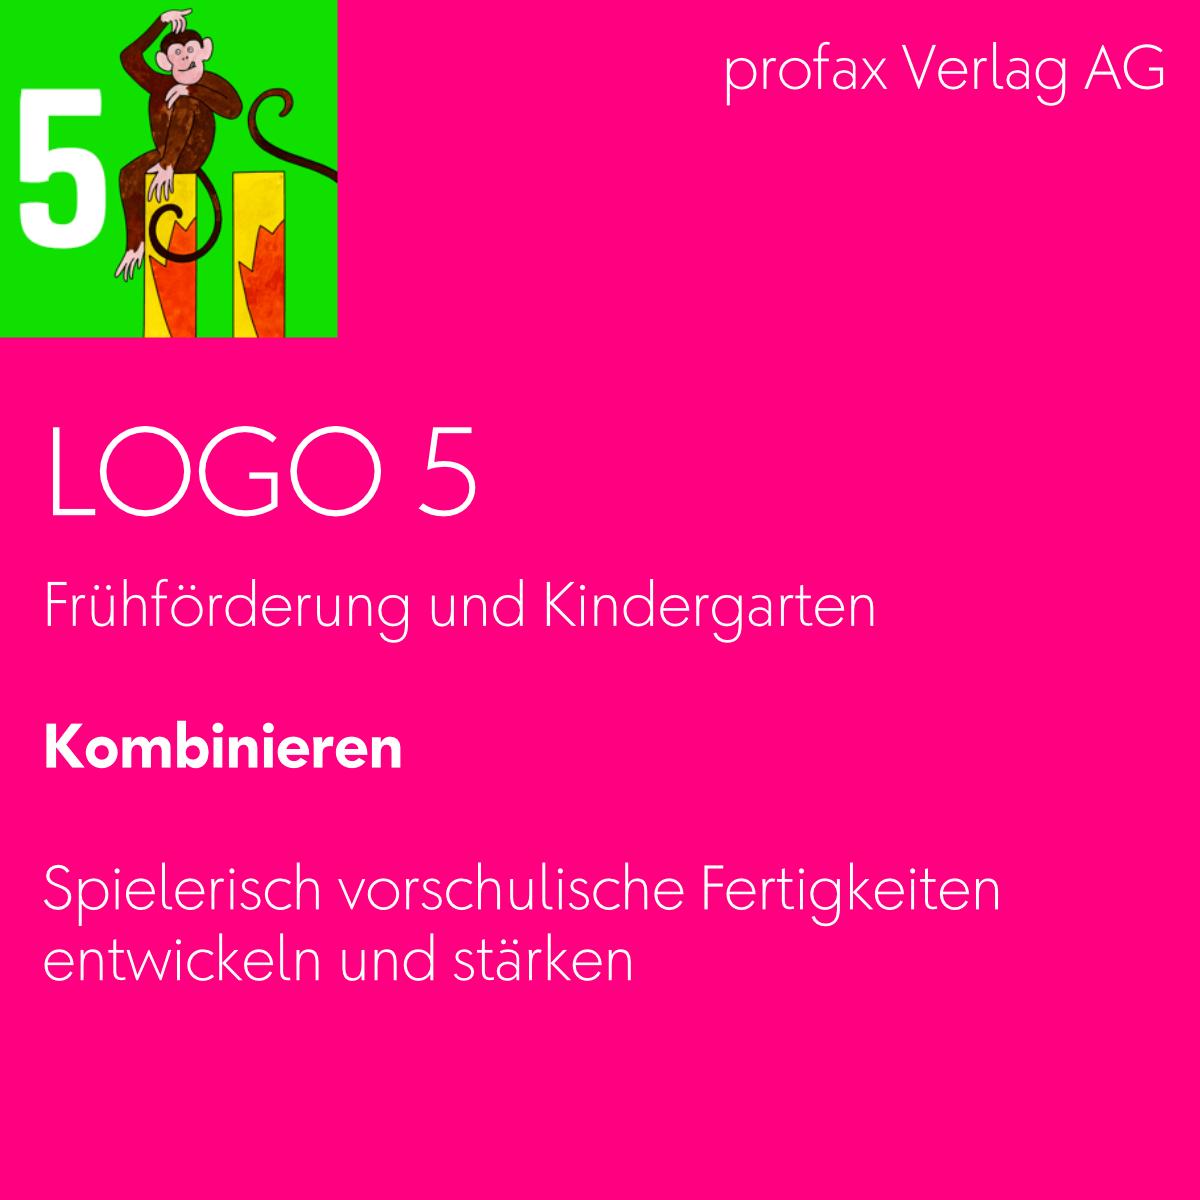 LOGO 5 – Kombinieren